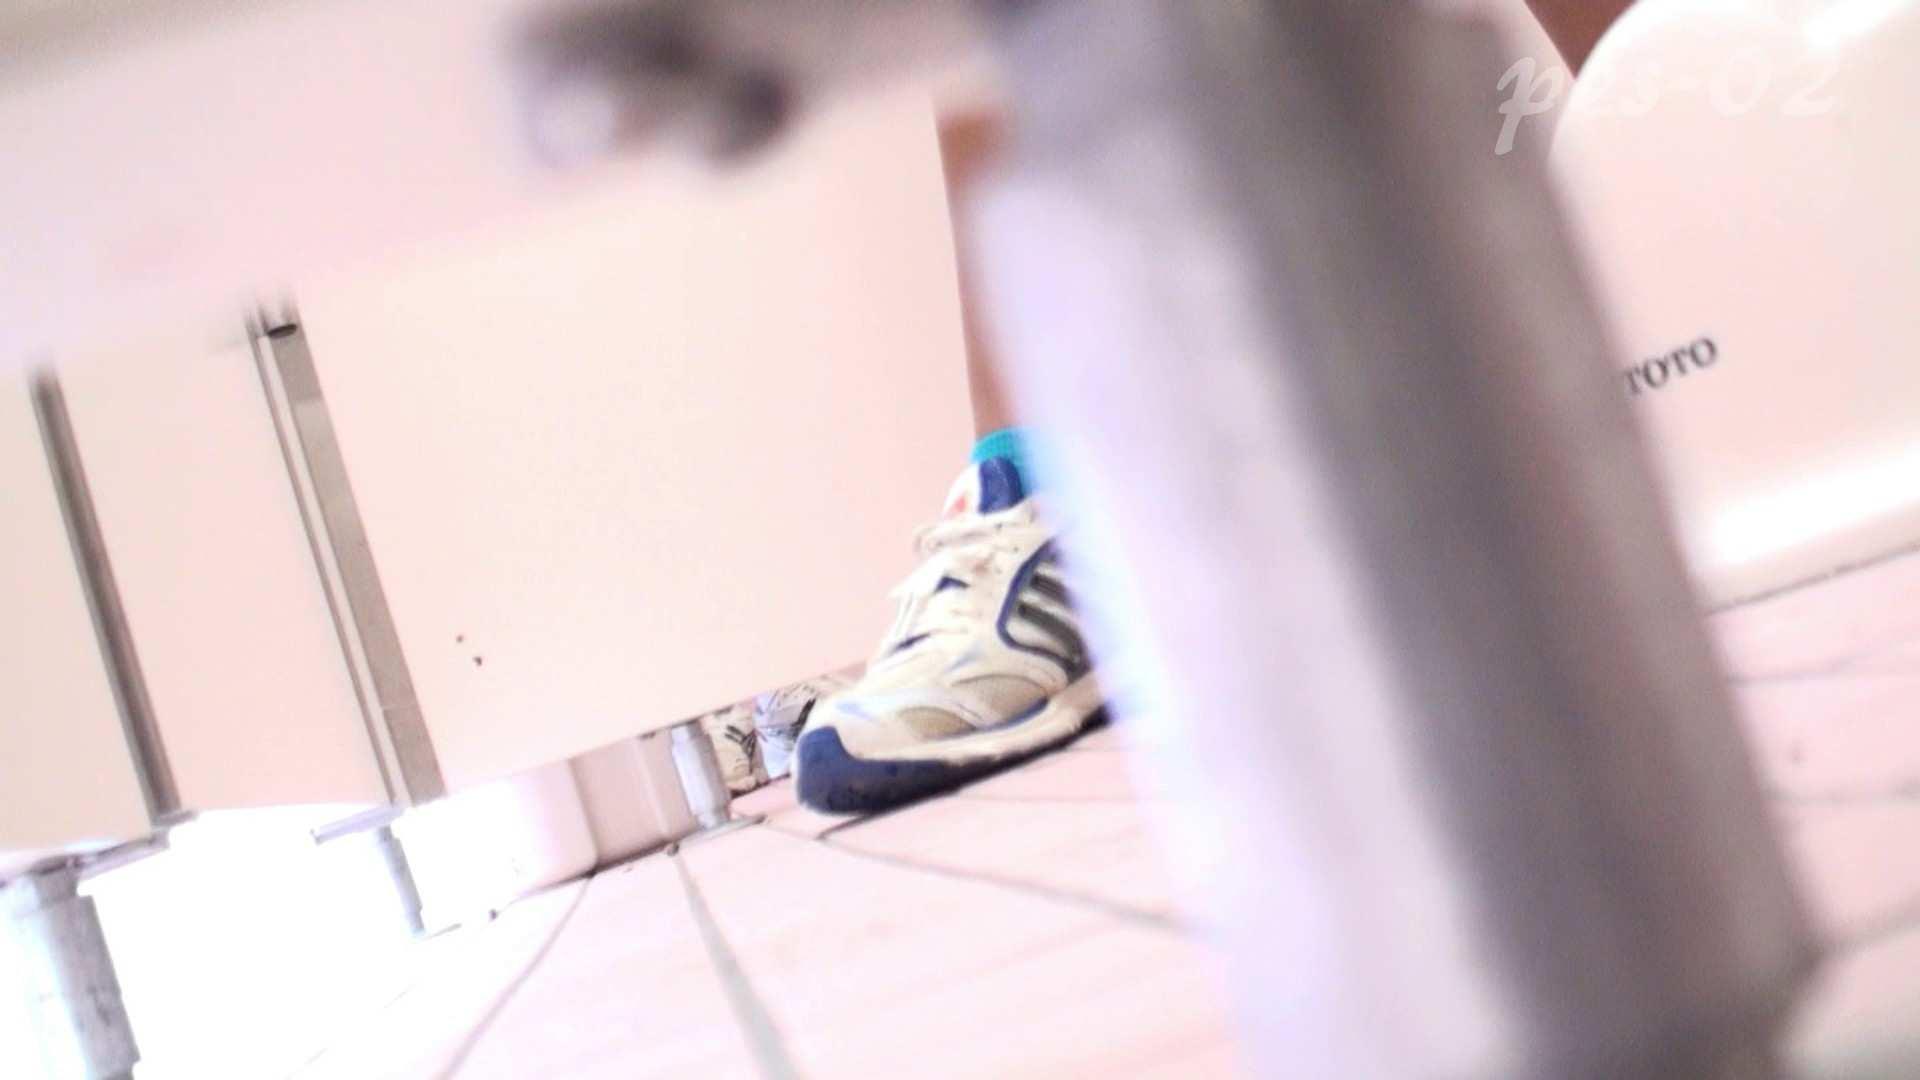 ※100個限定販売 至高下半身盗撮-プレミアム-【体育館編】VOL.2 盗撮 | OLの実態  56pic 28